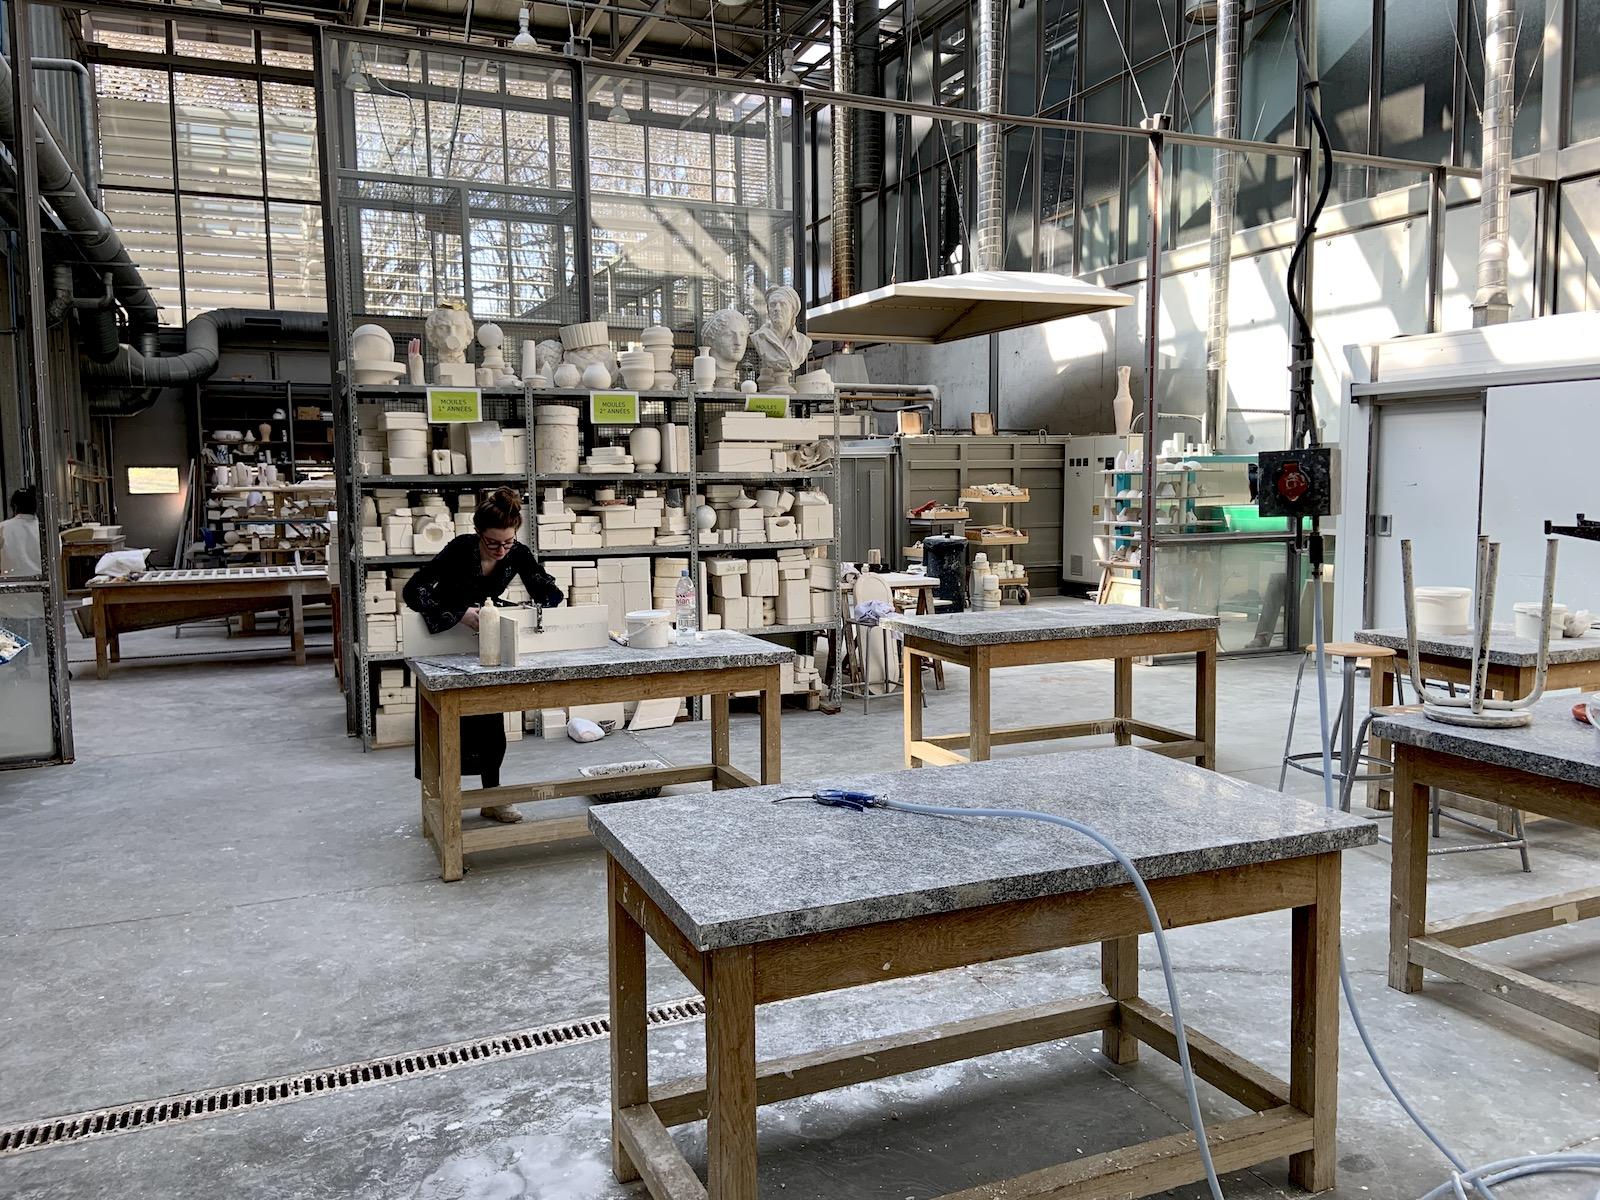 Atelier céramique à l'école nationale supérieure d'art de limoges.